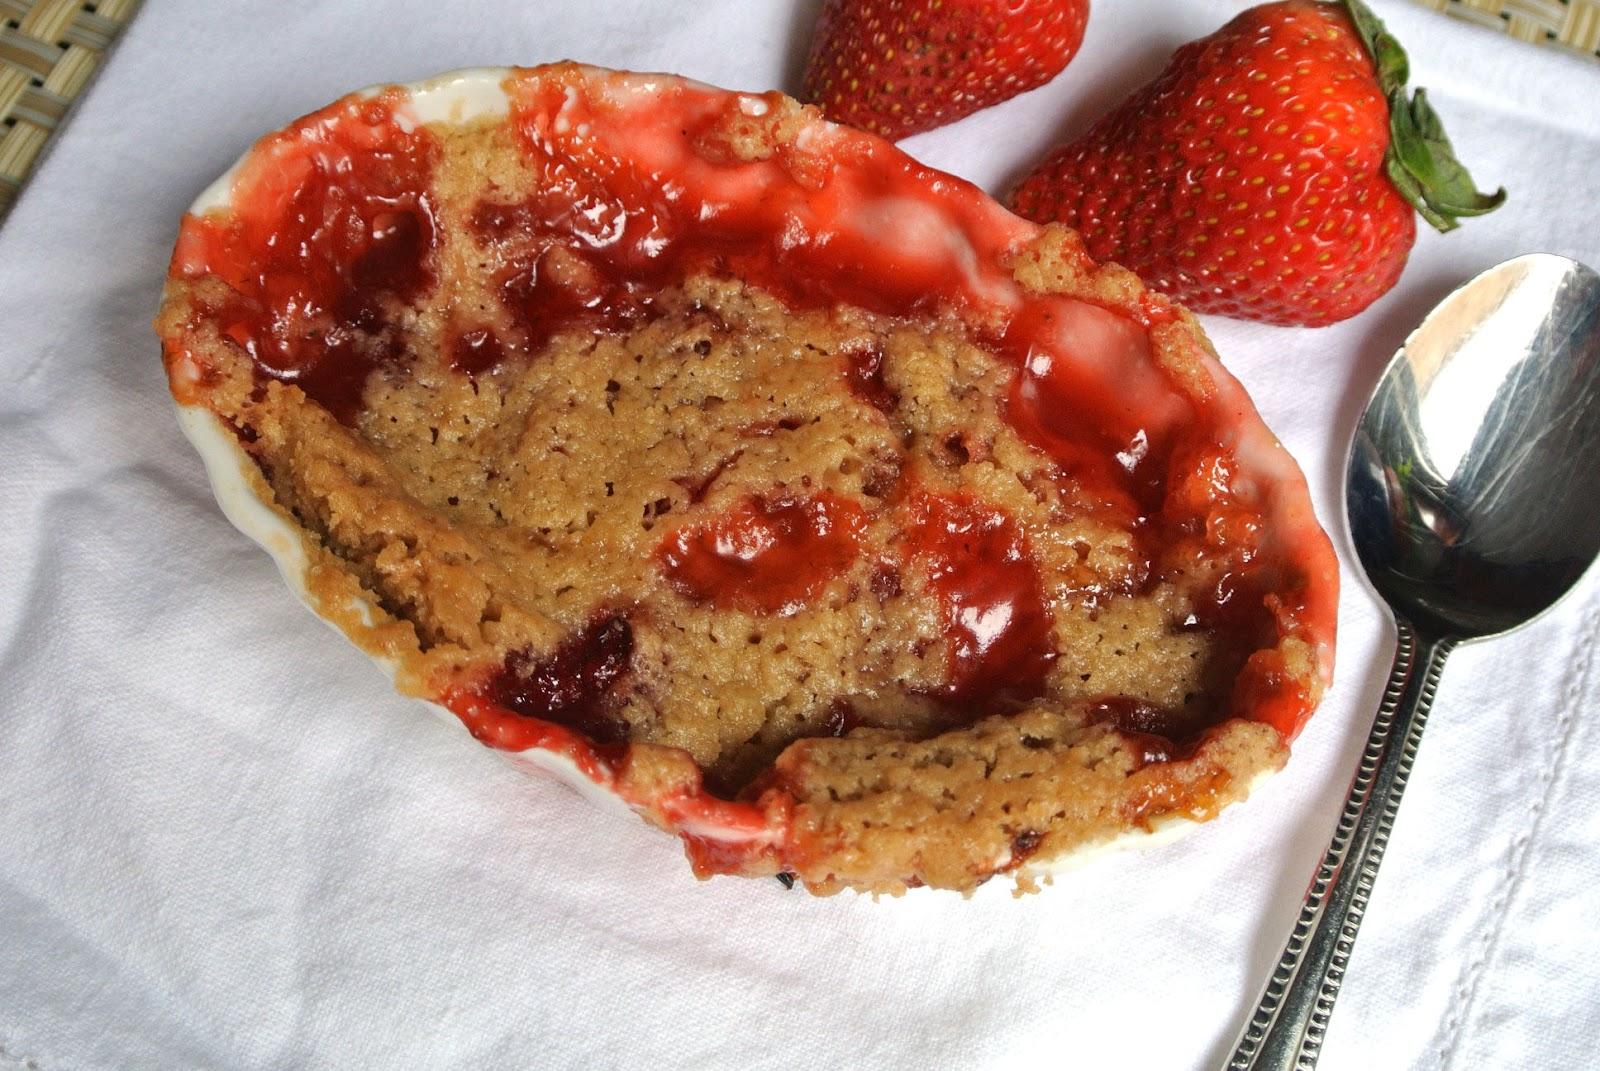 Gluten Free Strawberry Cobbler (sugar free option below)